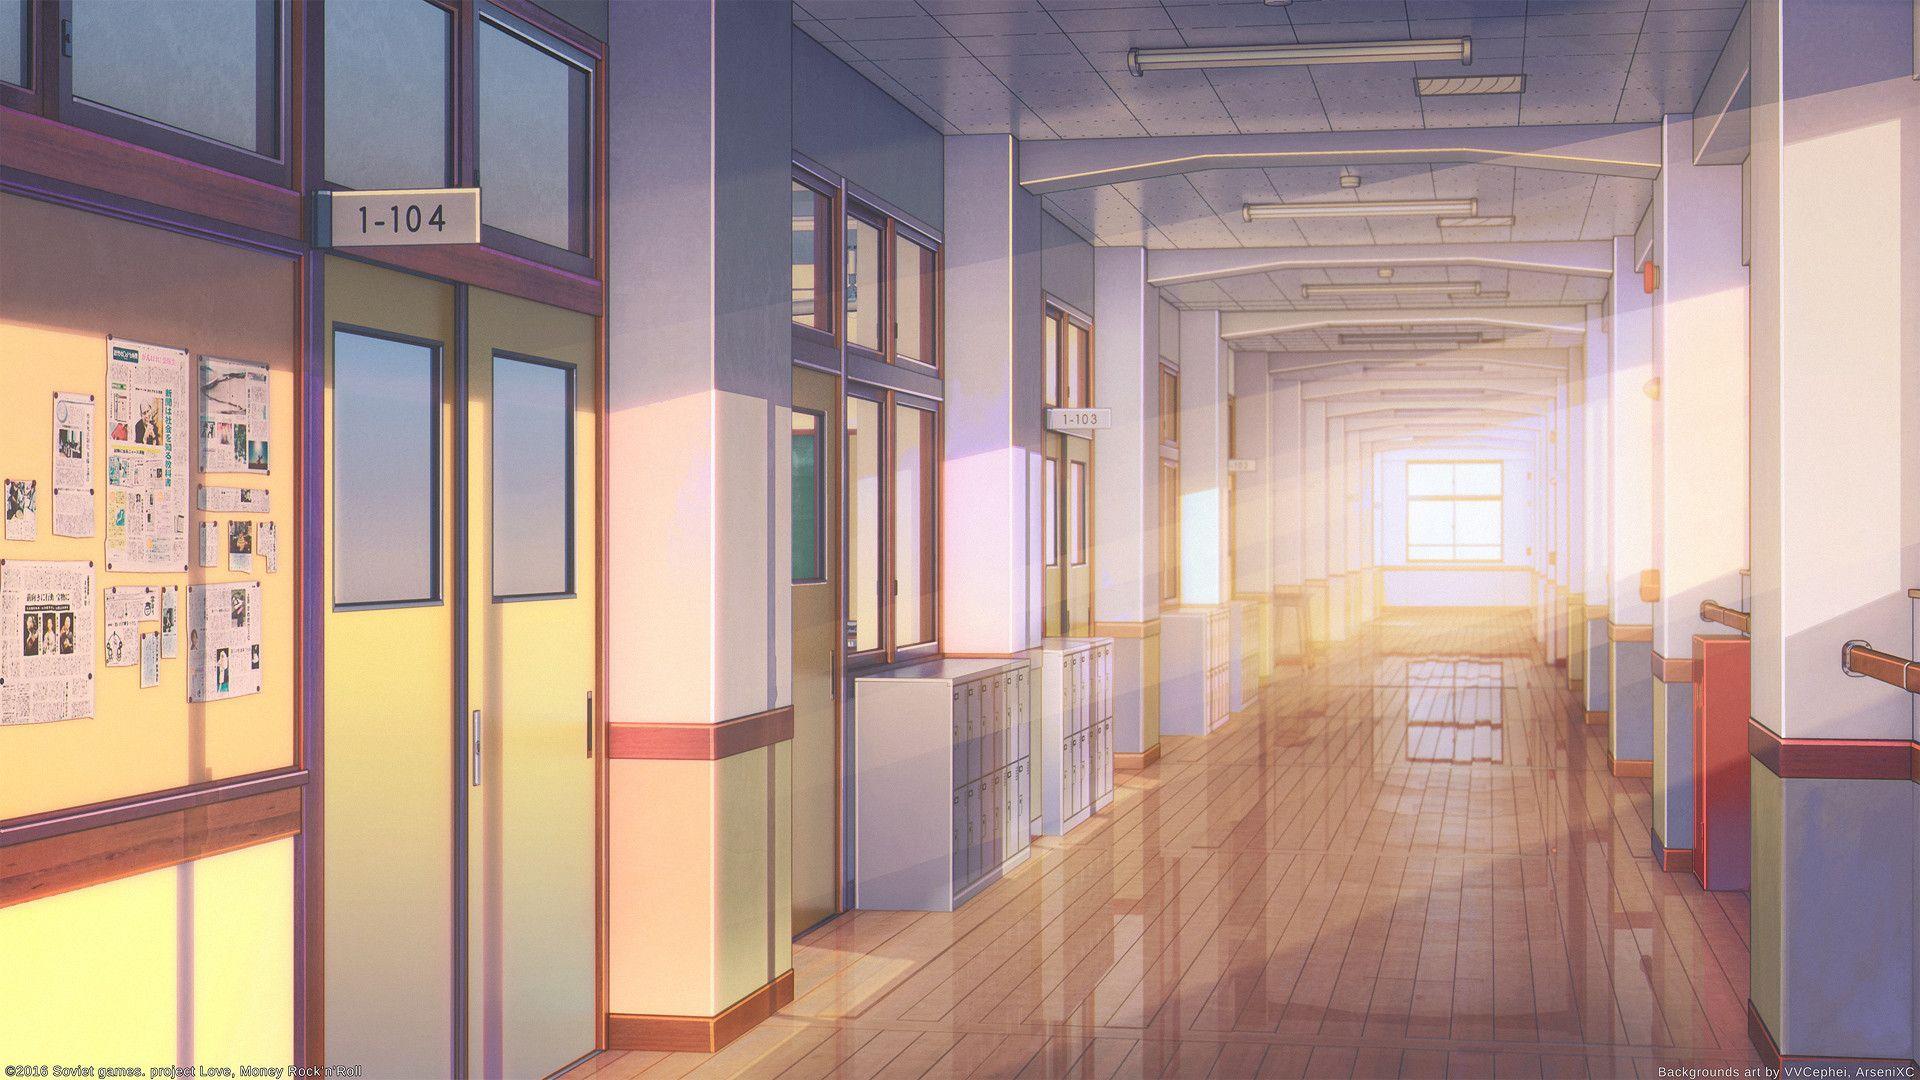 Contoh Soal Pelajaran Puisi Dan Pidato Populer Anime Backgrounds